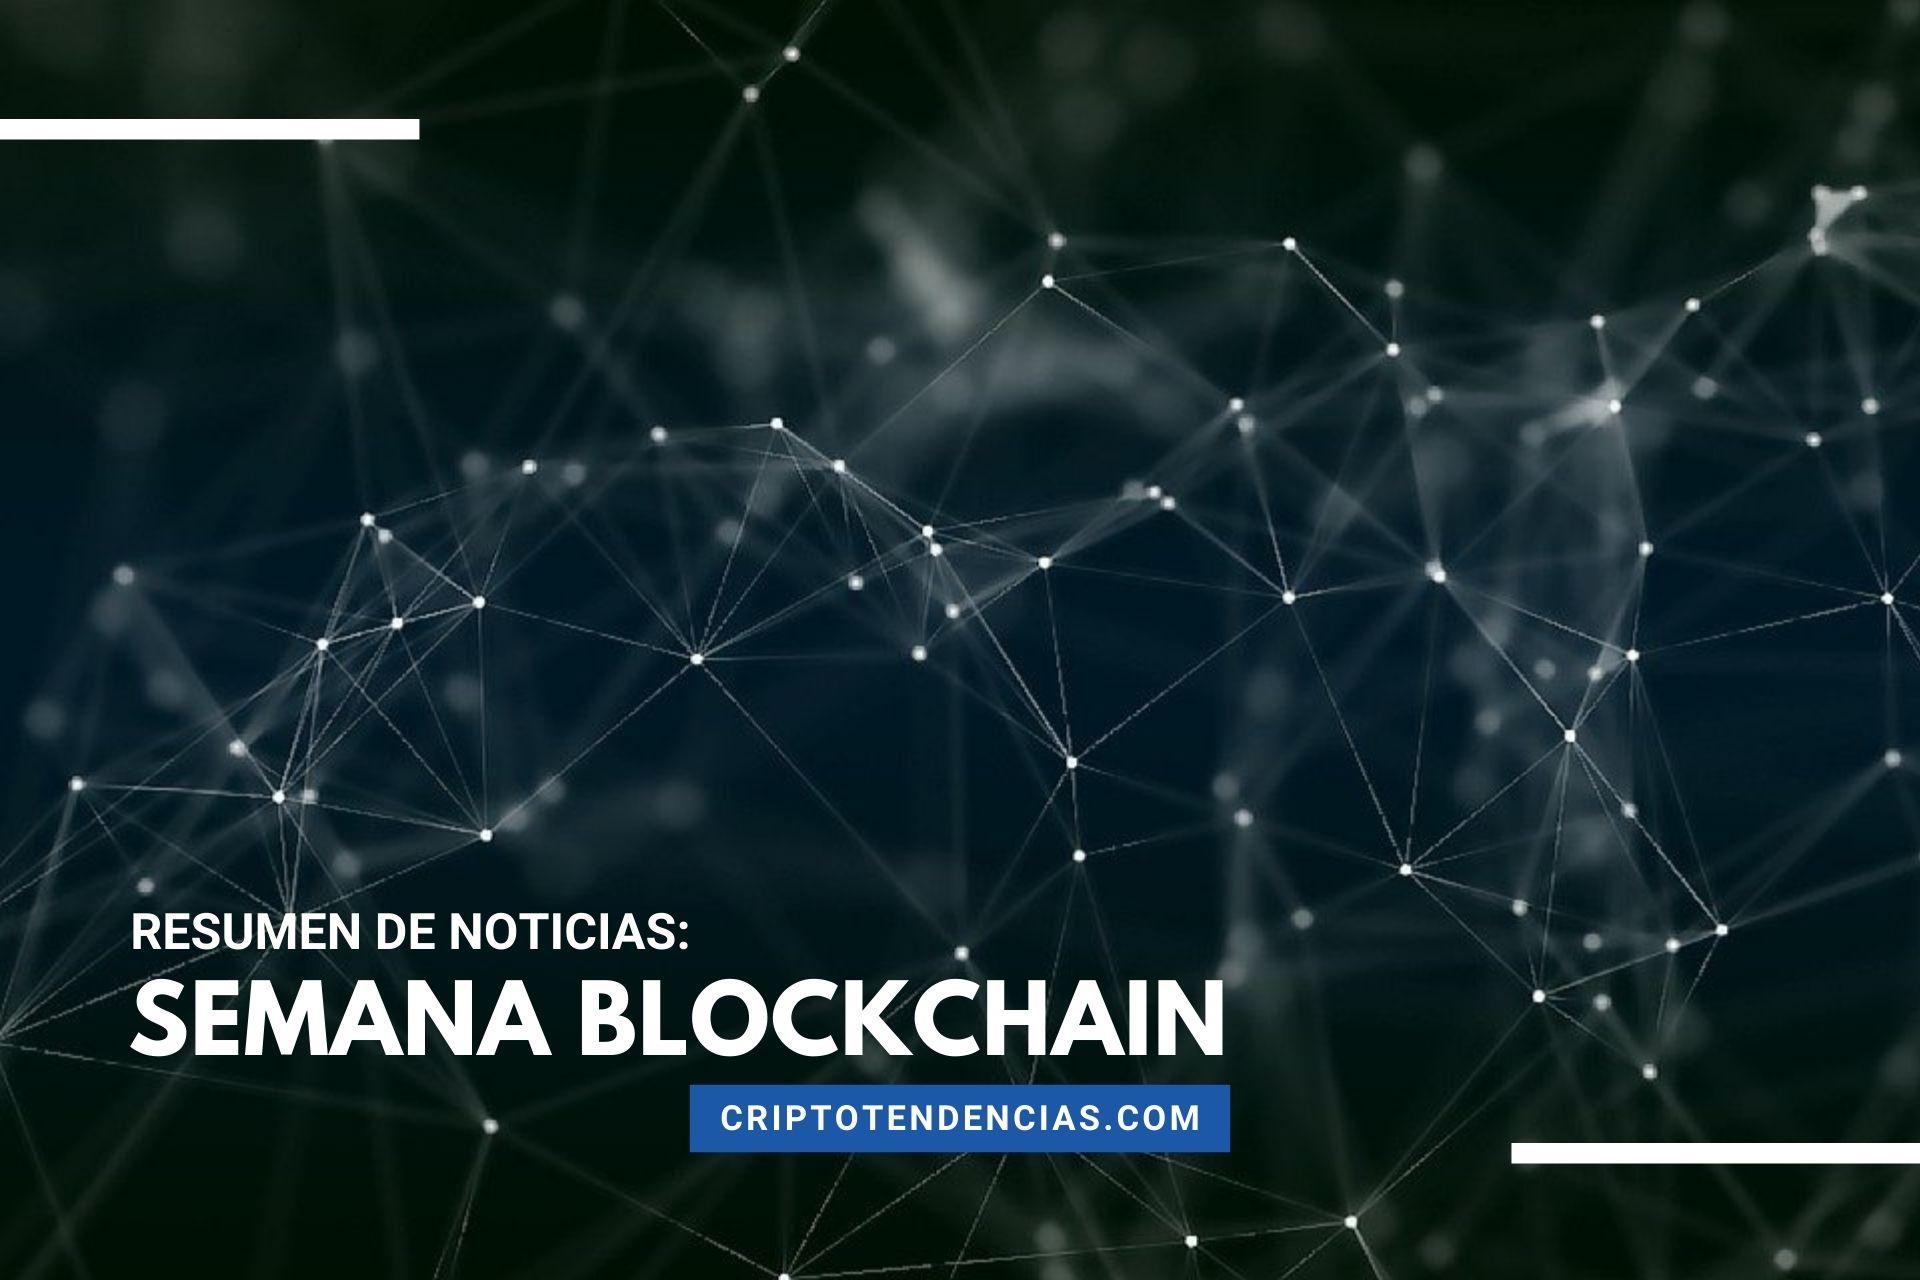 Semana Blockchain un repaso a las noticias más destacadas sobre la tecnología y los NFT